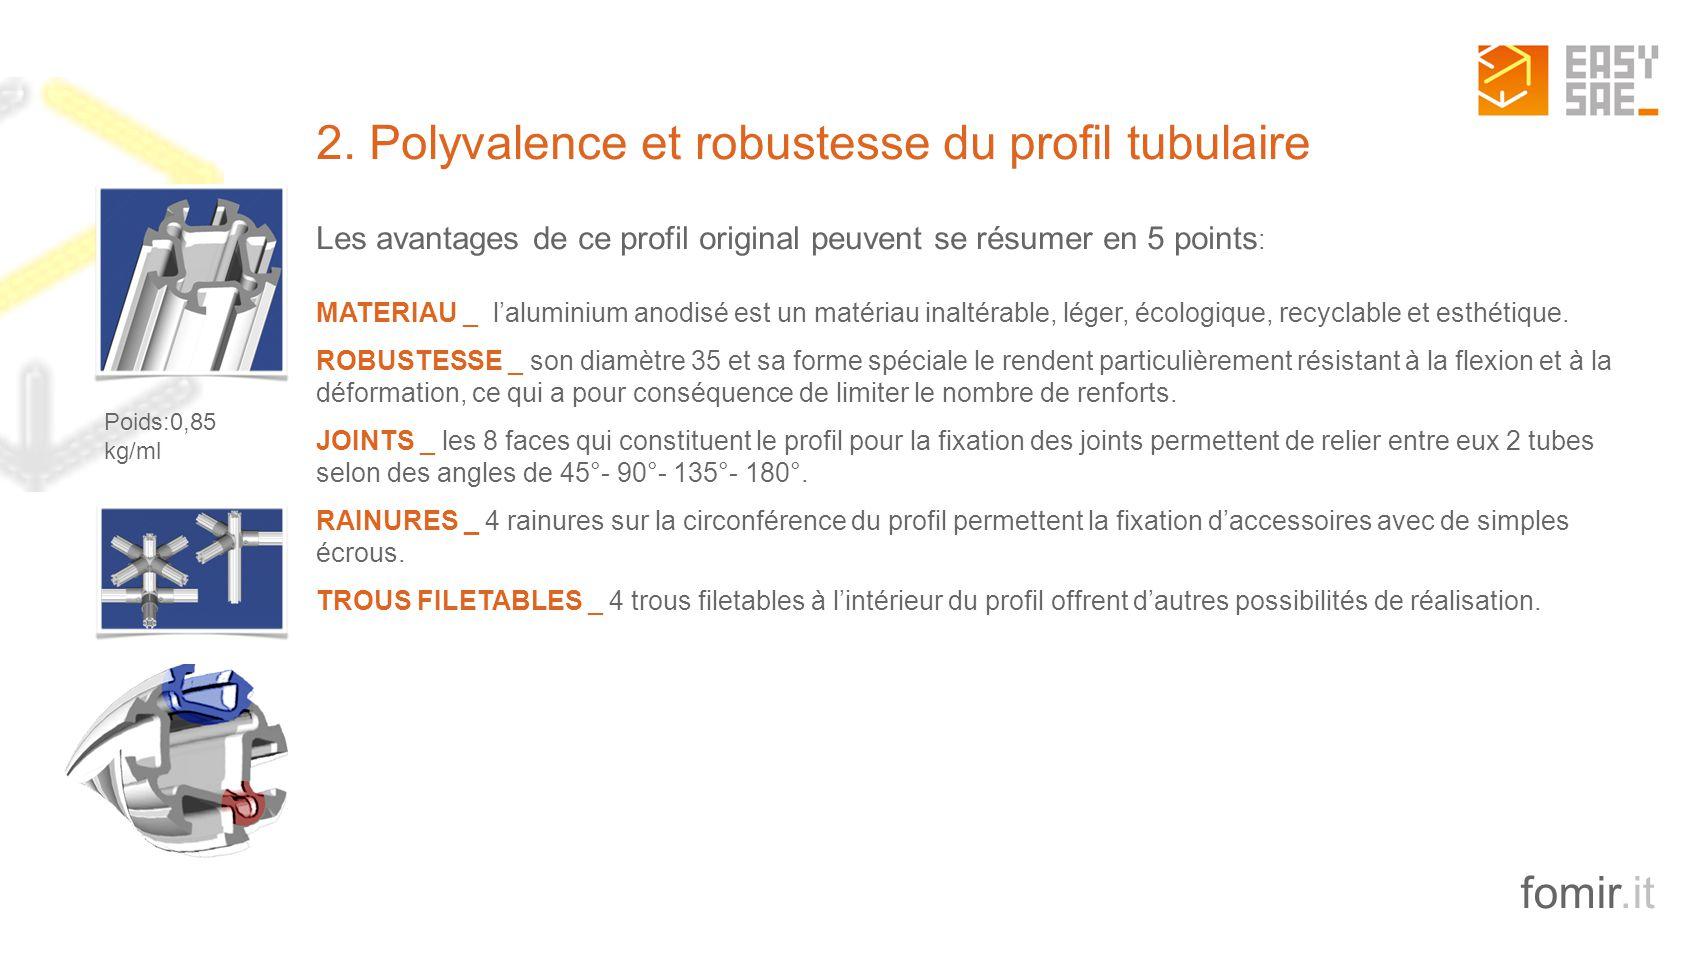 2. Polyvalence et robustesse du profil tubulaire